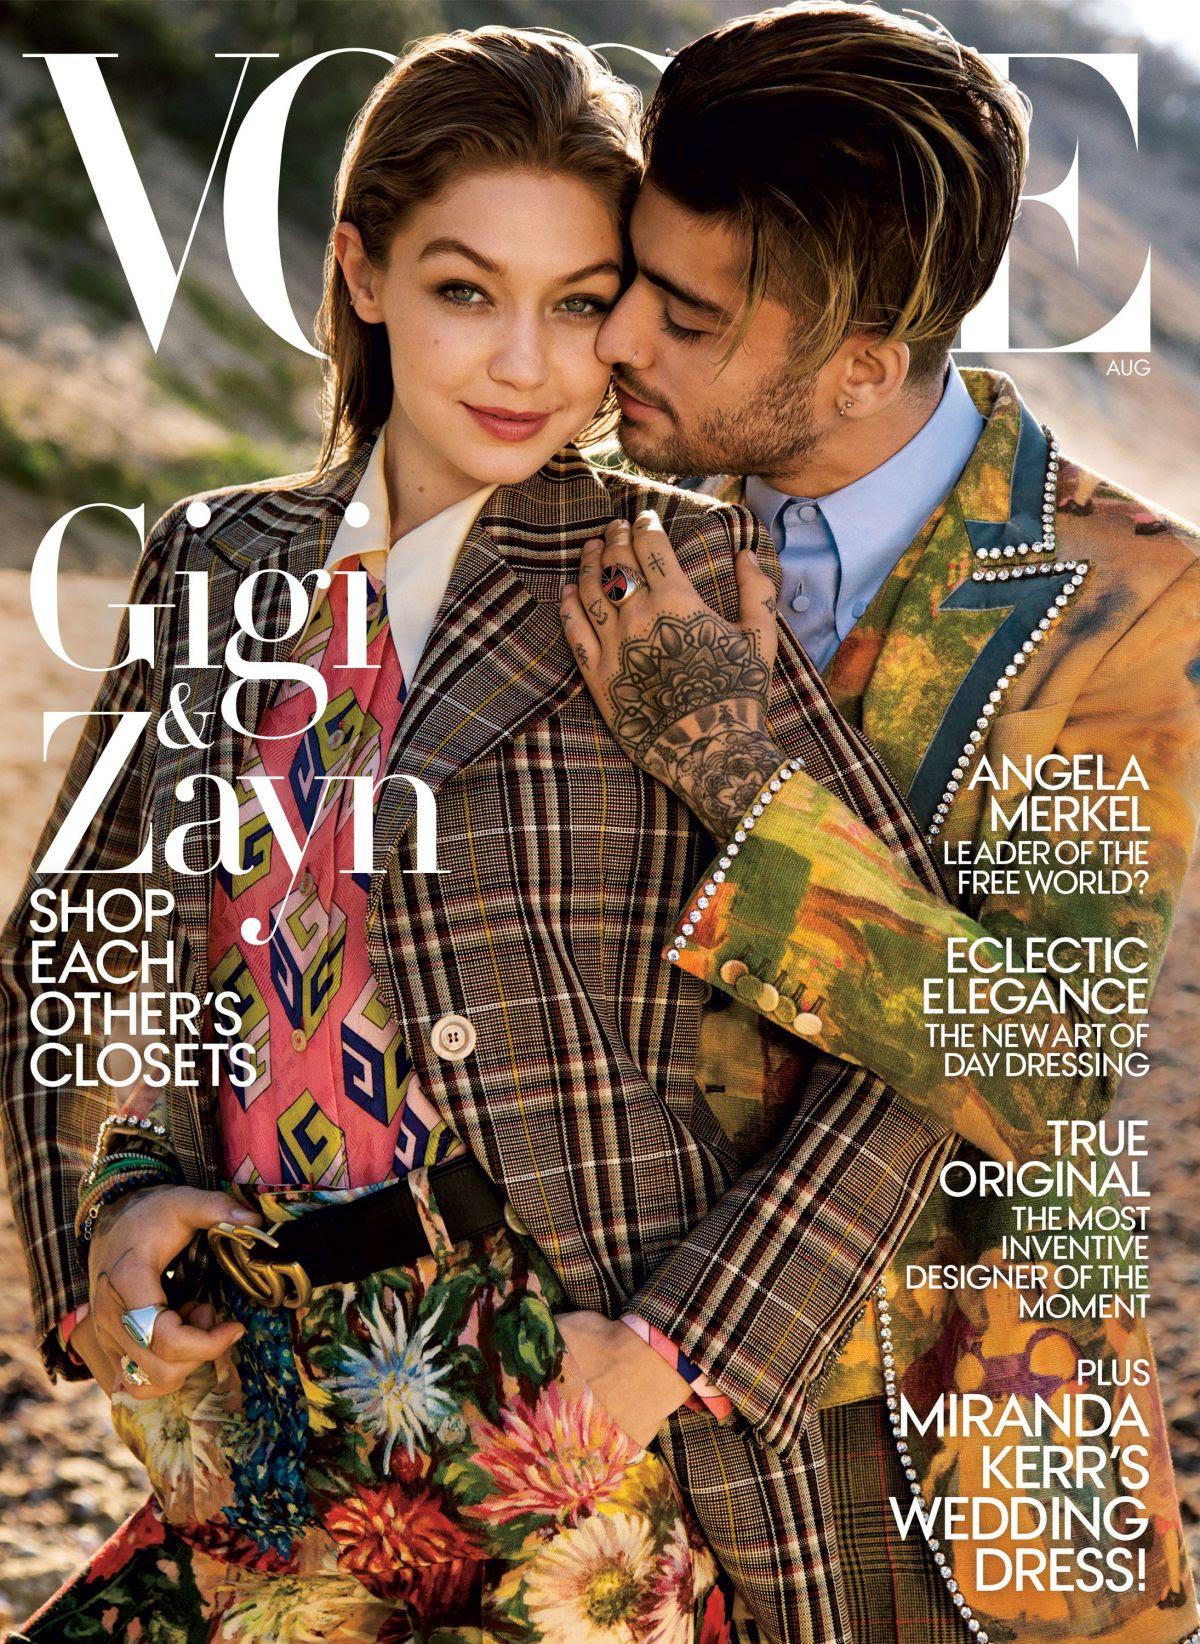 GIGI HADID in Vogue Magazine, August 2017